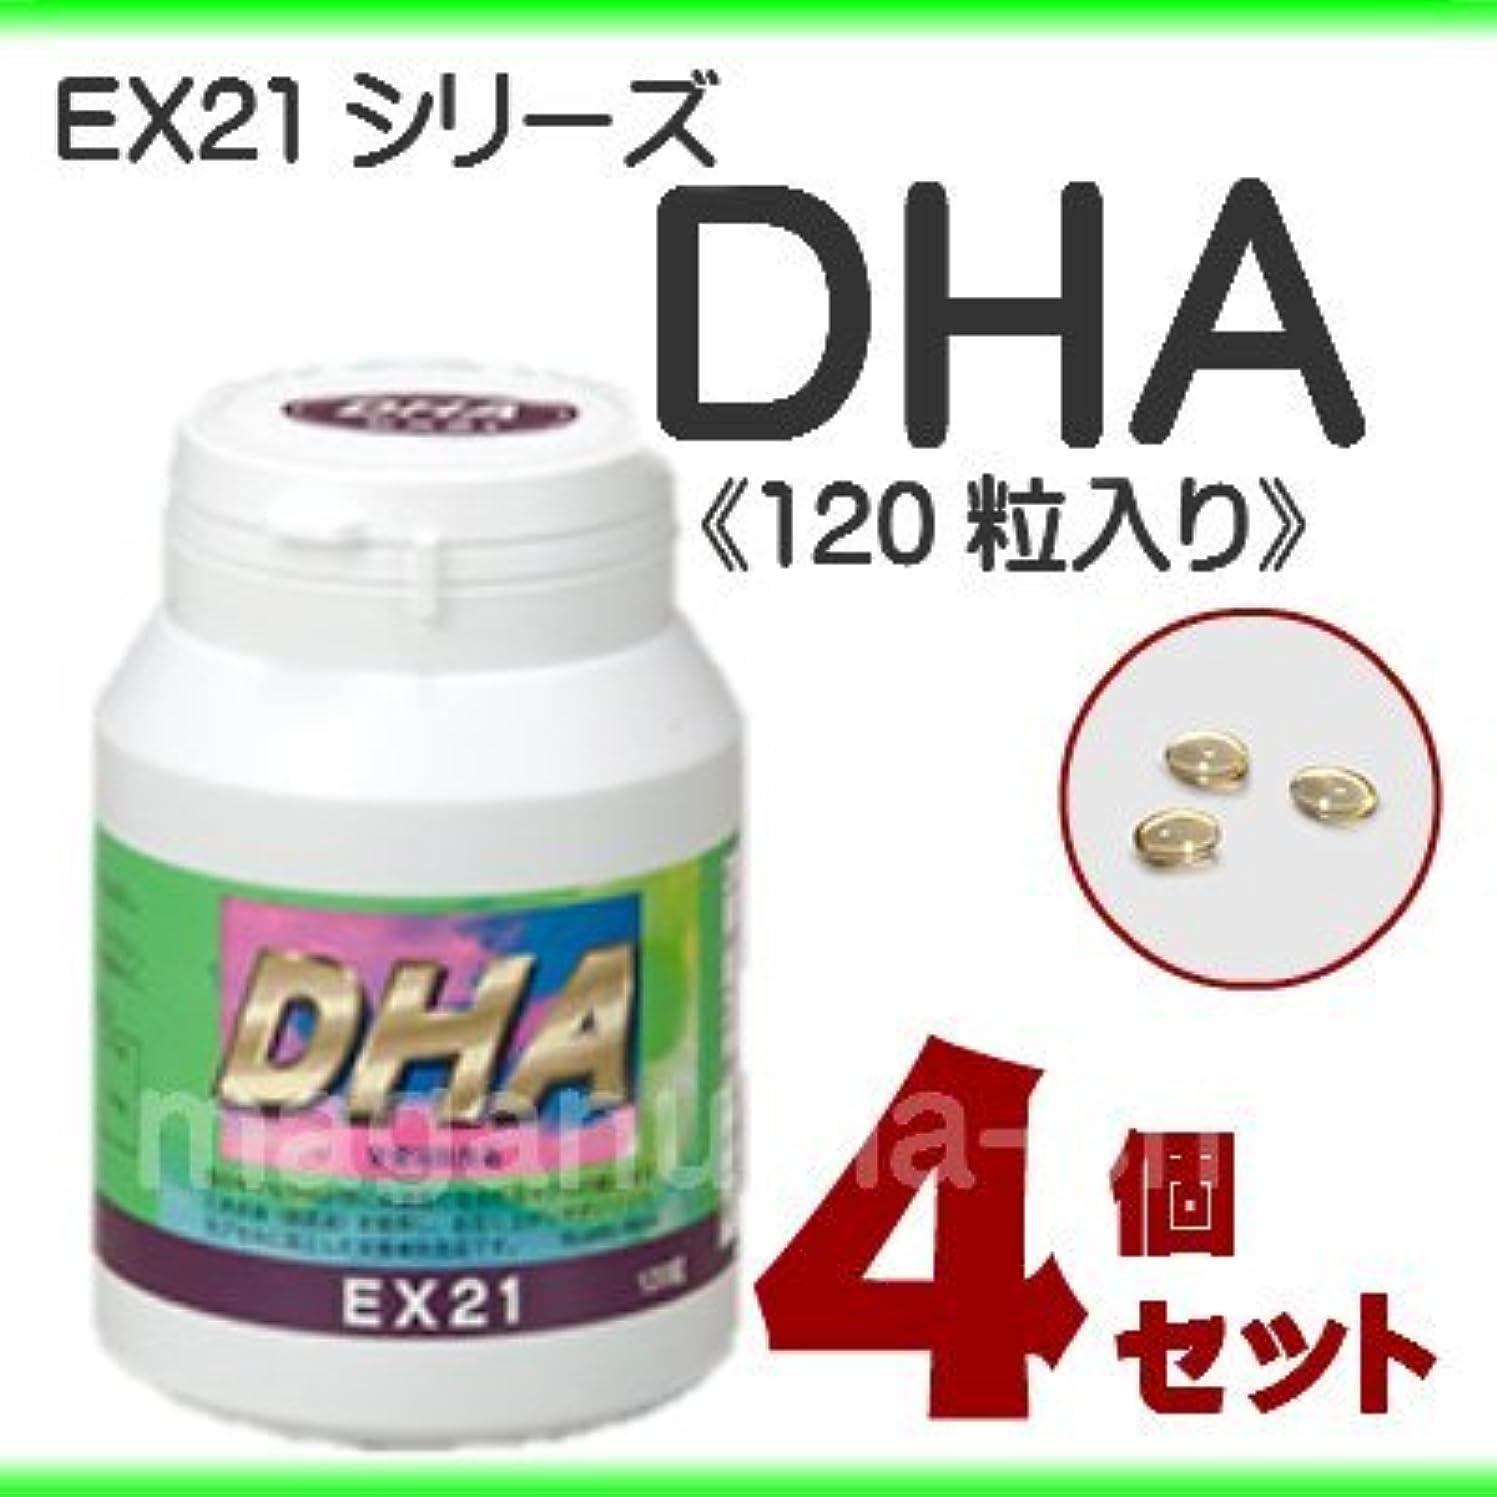 ボイコット不快な差し引くEX21シリーズ DHA 4個セット